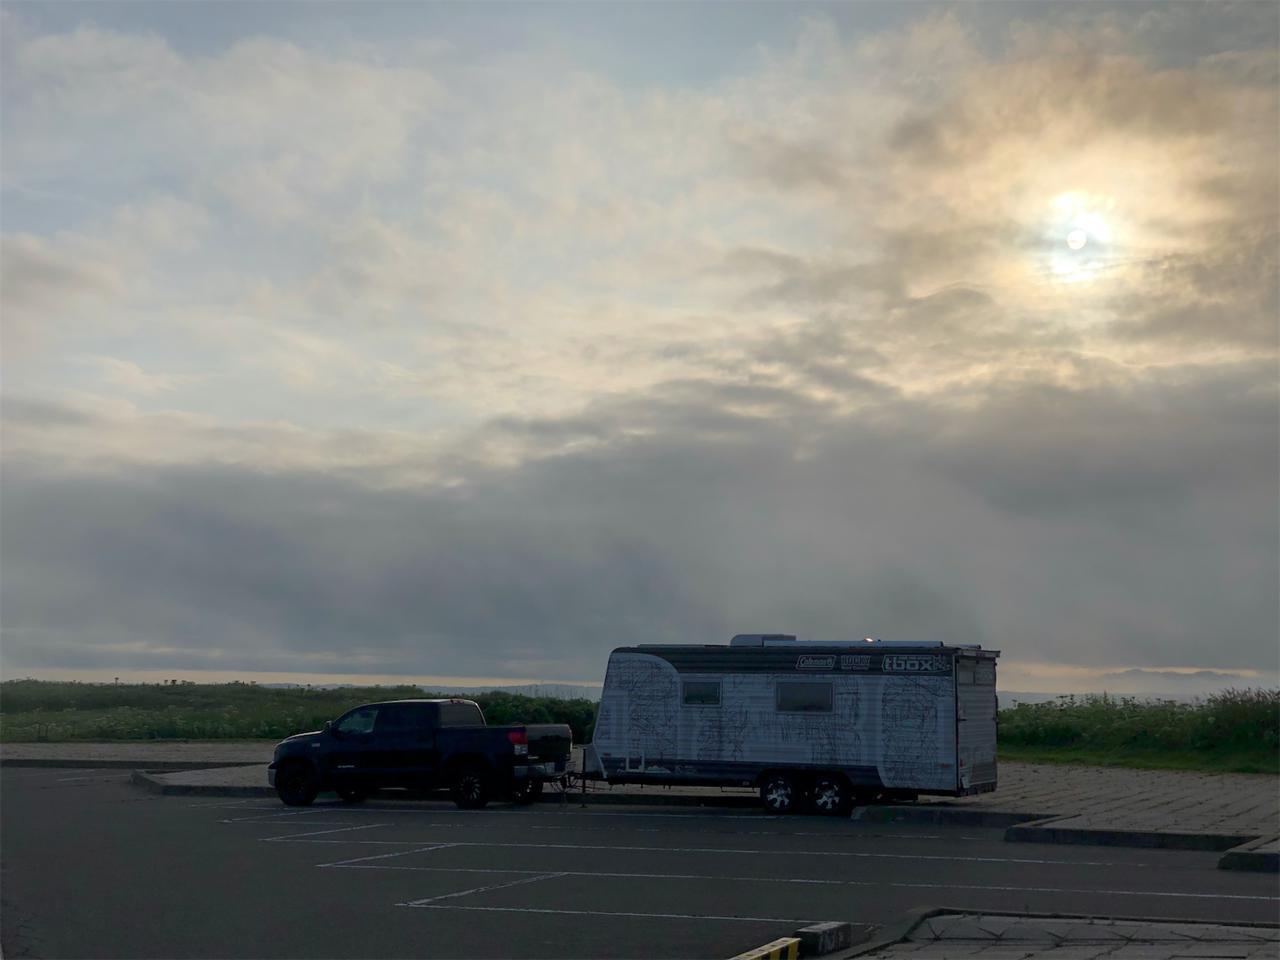 画像4: 開き直って霧多布へ。その名の通り霧ダラケ!